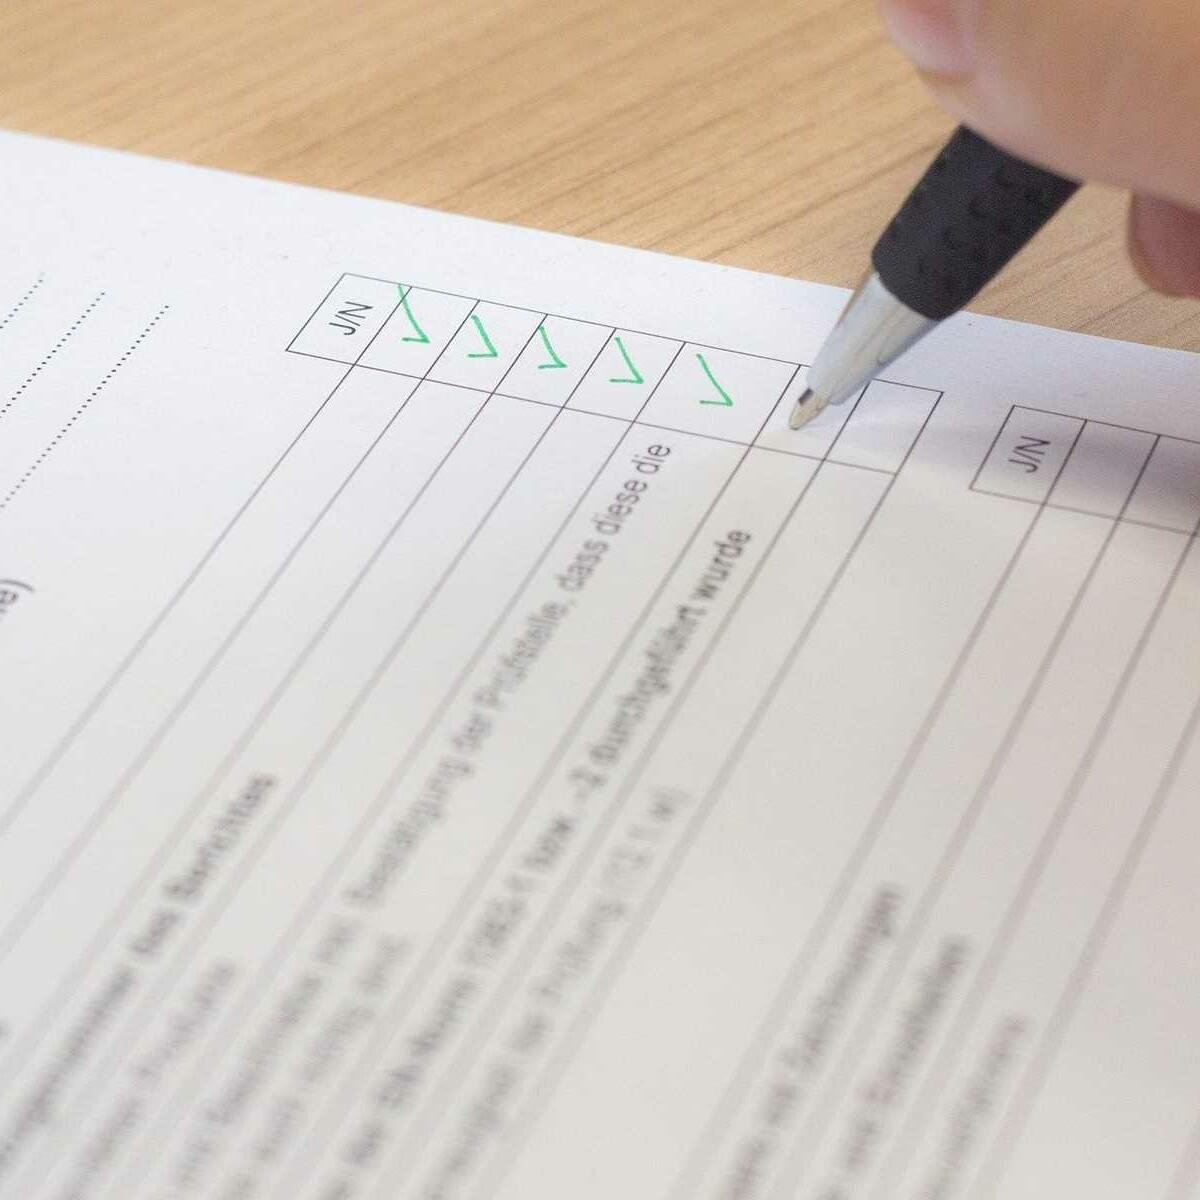 Bild einer Papier-Checkliste, die gerade ausgefüllt wird. Einige Punkte sind bereits abgehakt.